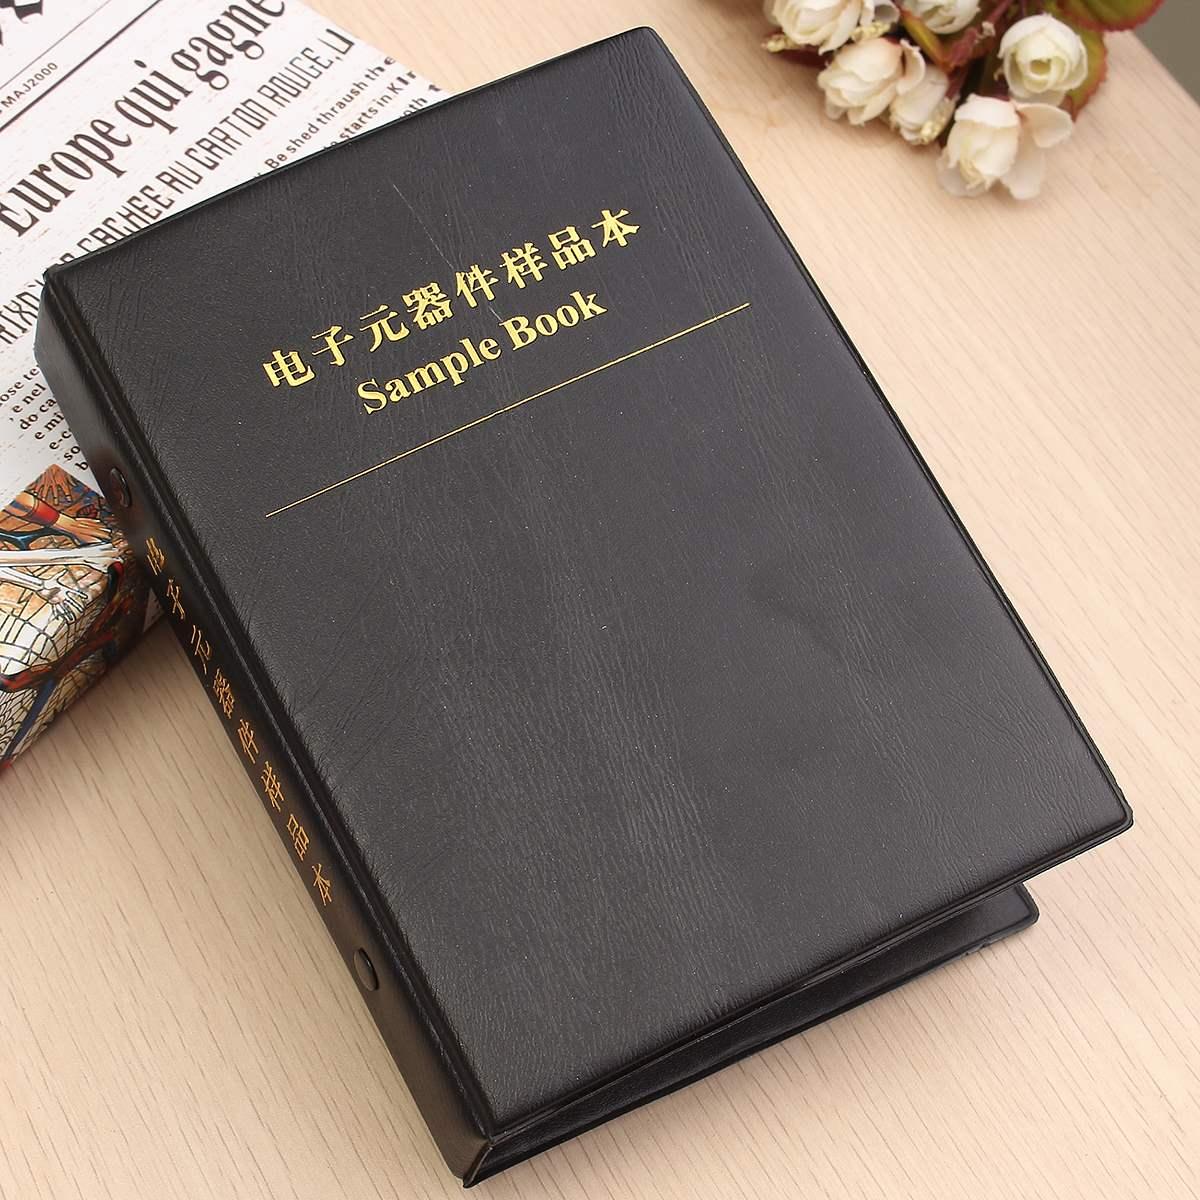 Heiße Neue 0805 1% SMD SMT Chip Widerstände Sortiment Kit 170 Werte x50 Assorted Sample Buch 13,5 cm x 3 cm x 19 cm